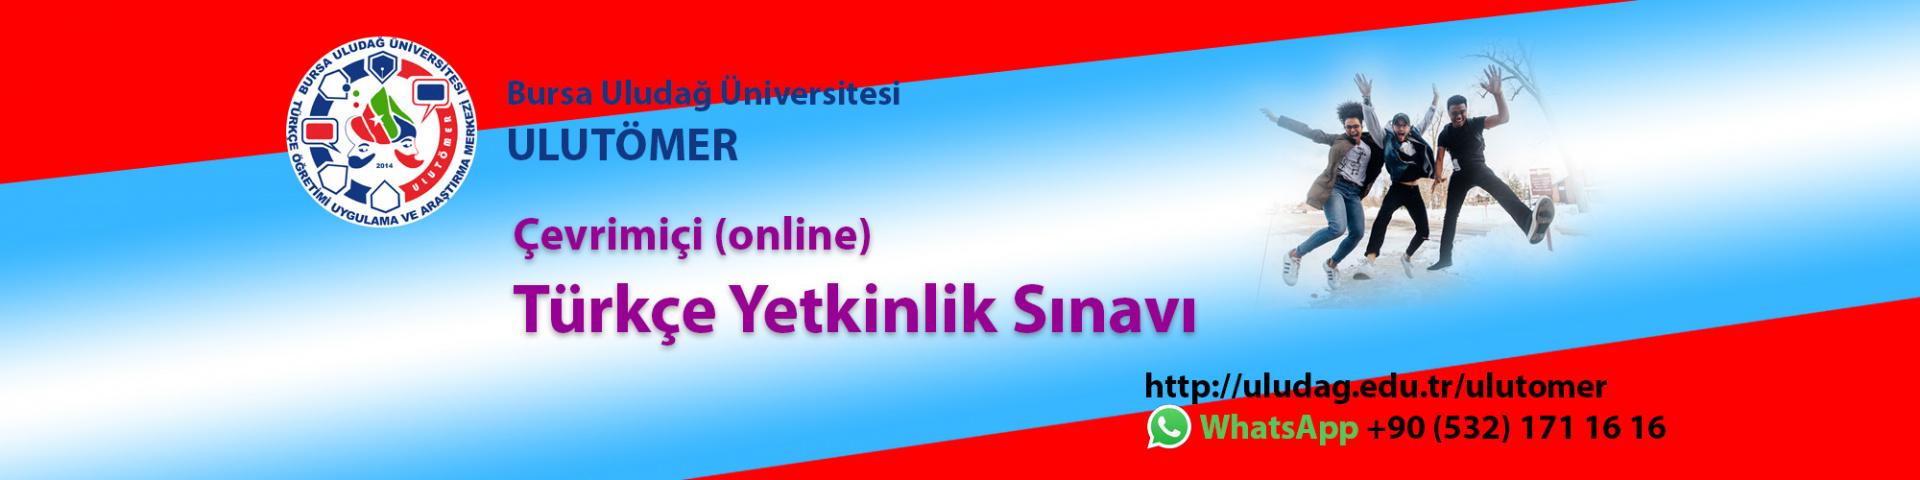 Çevrimiçi (Online) Türkçe Yetkinlik Sınavı